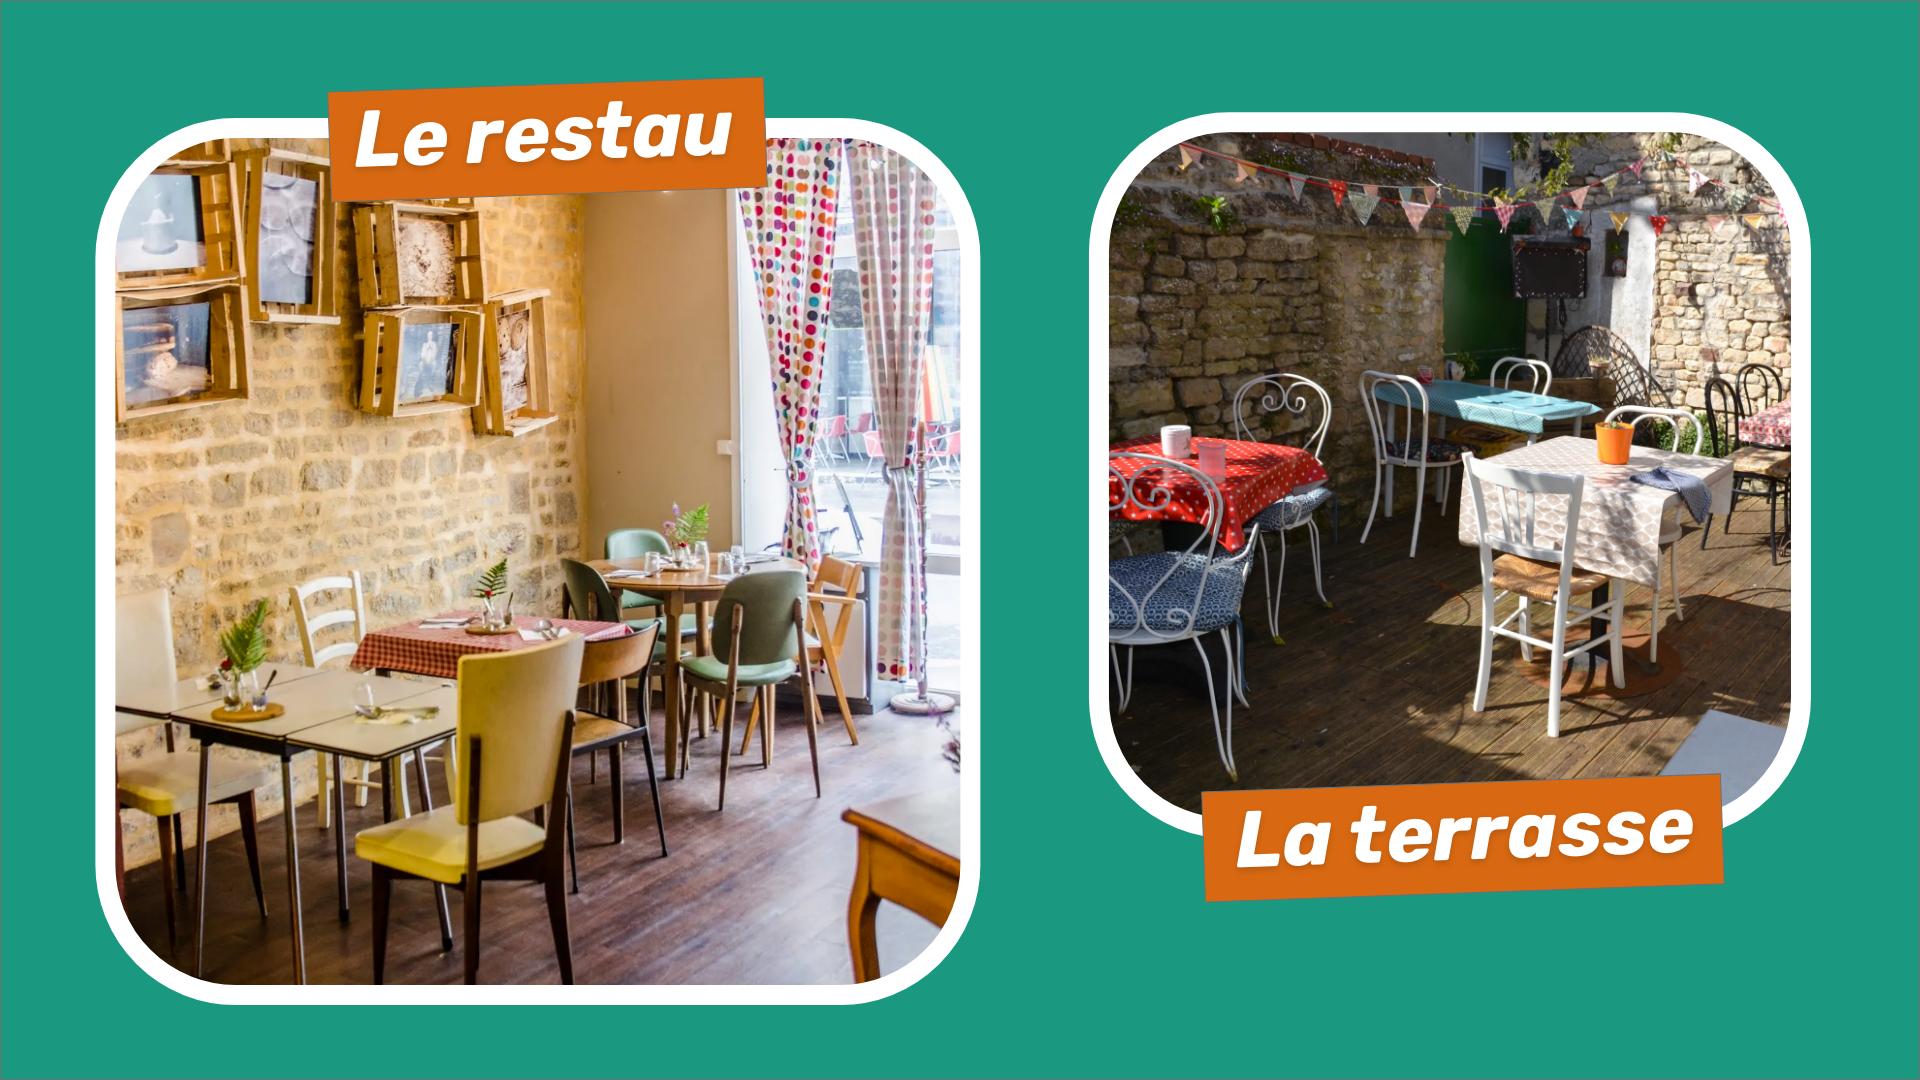 Photos du restaurant et de la terrasse